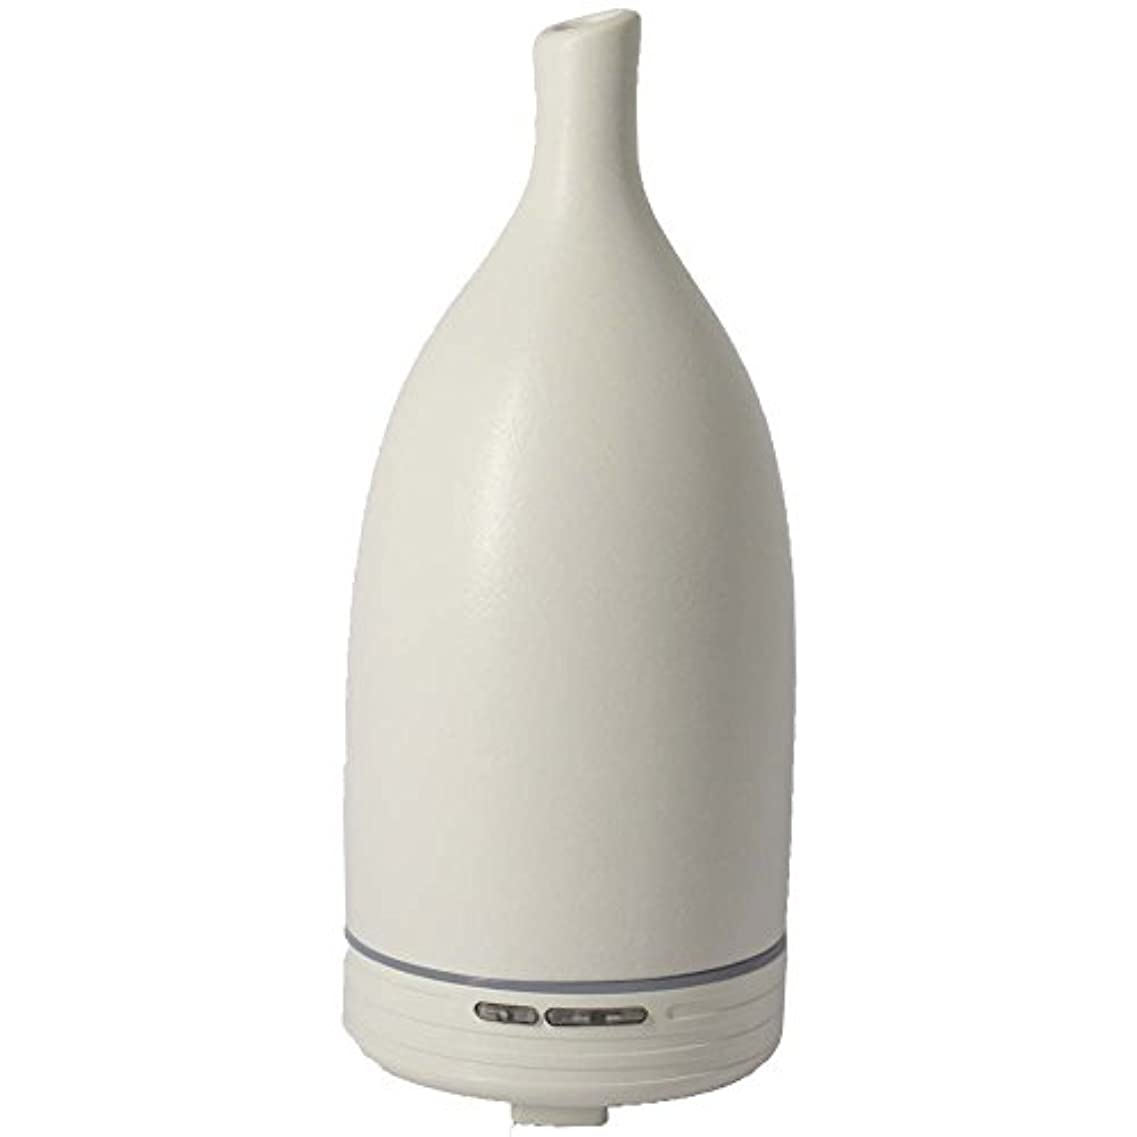 陶器アロマディフューザー LM-282